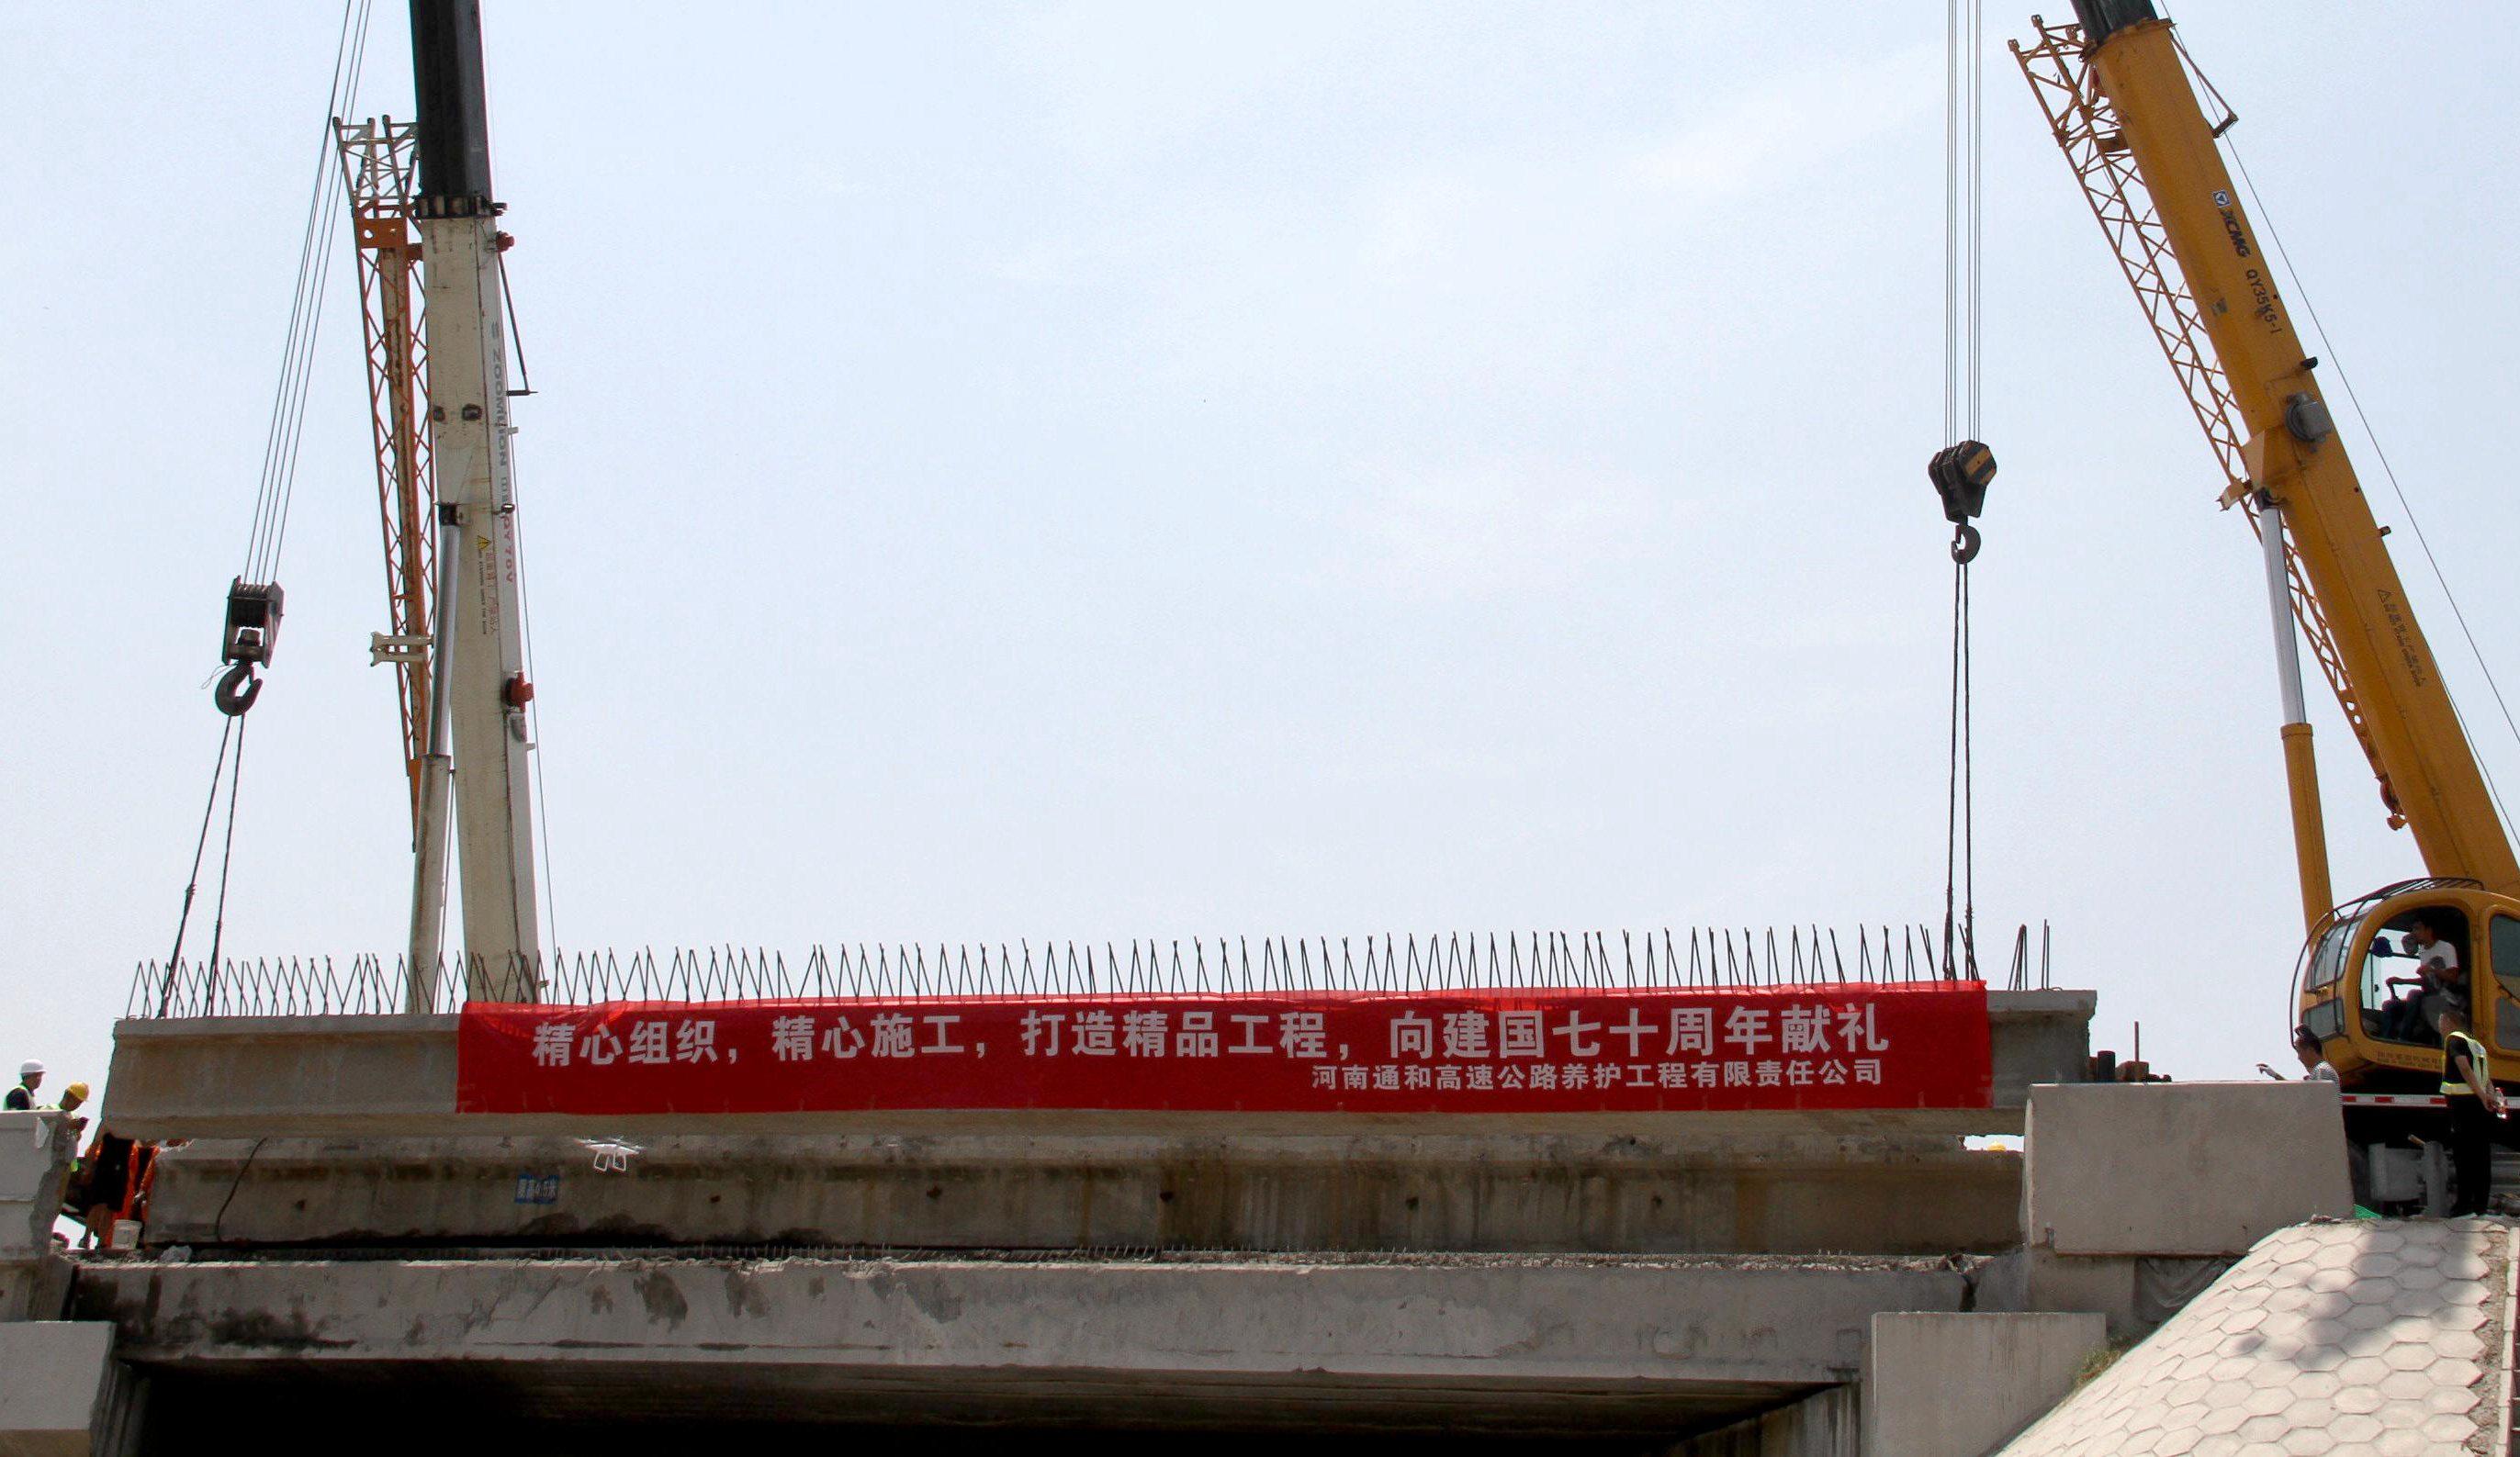 1小时完成桥边梁更换应急抢险工程2019.6.4.jpg